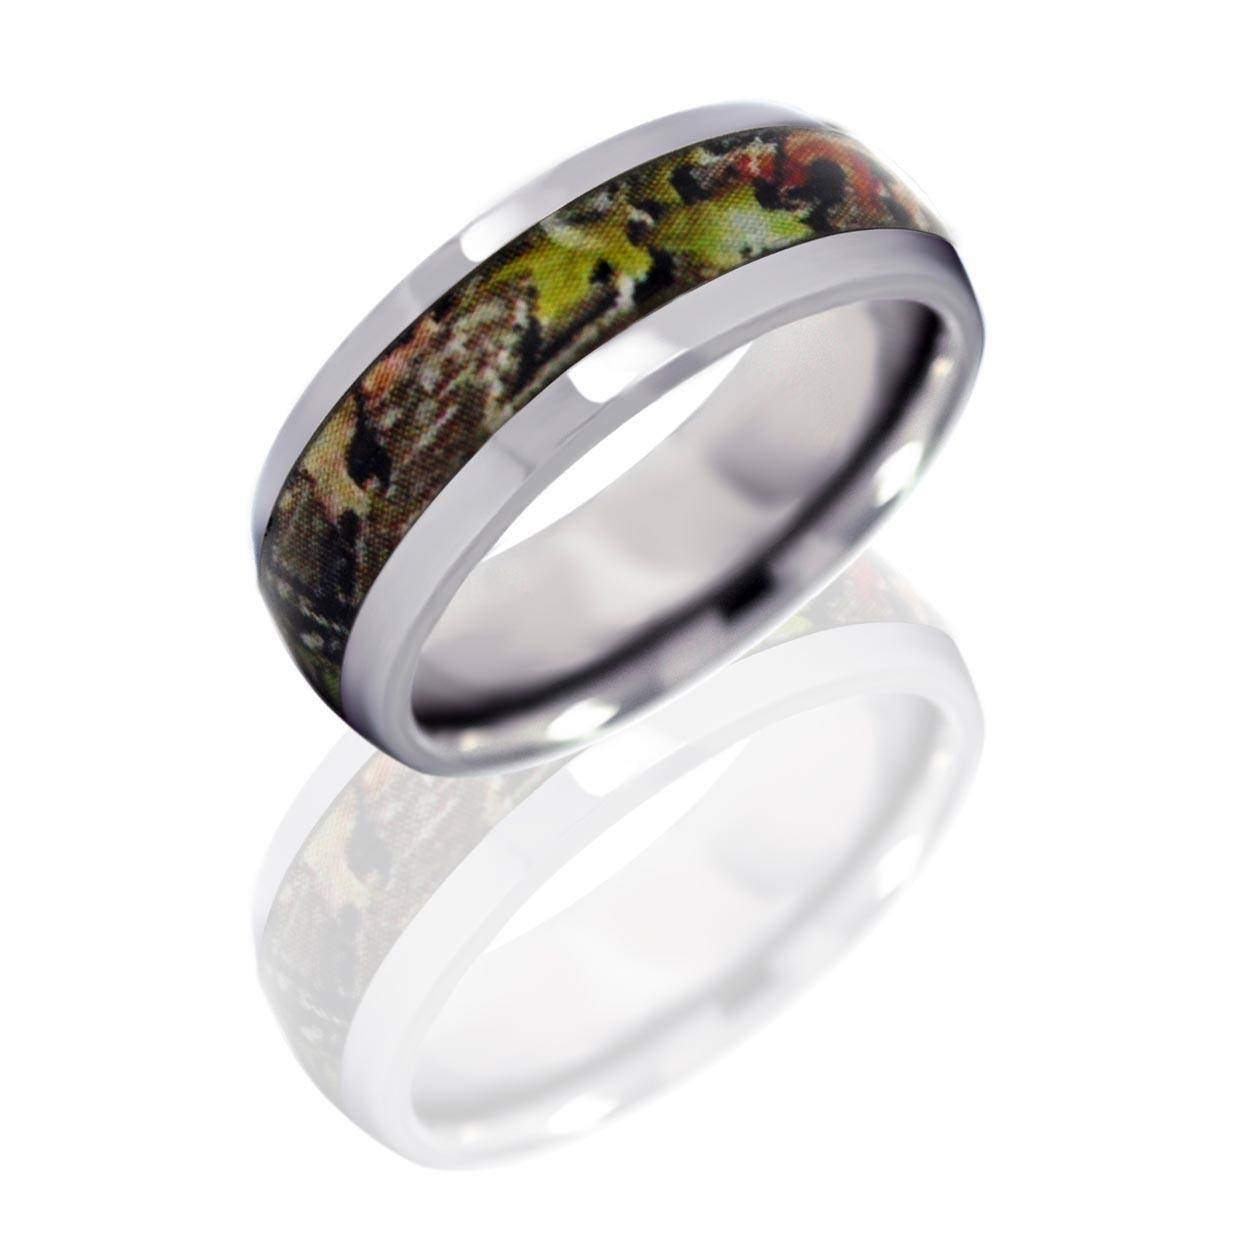 Engagement Rings At Walmart For Men 3 – Ifec Ci With Walmart Mens Engagement Rings (View 3 of 15)